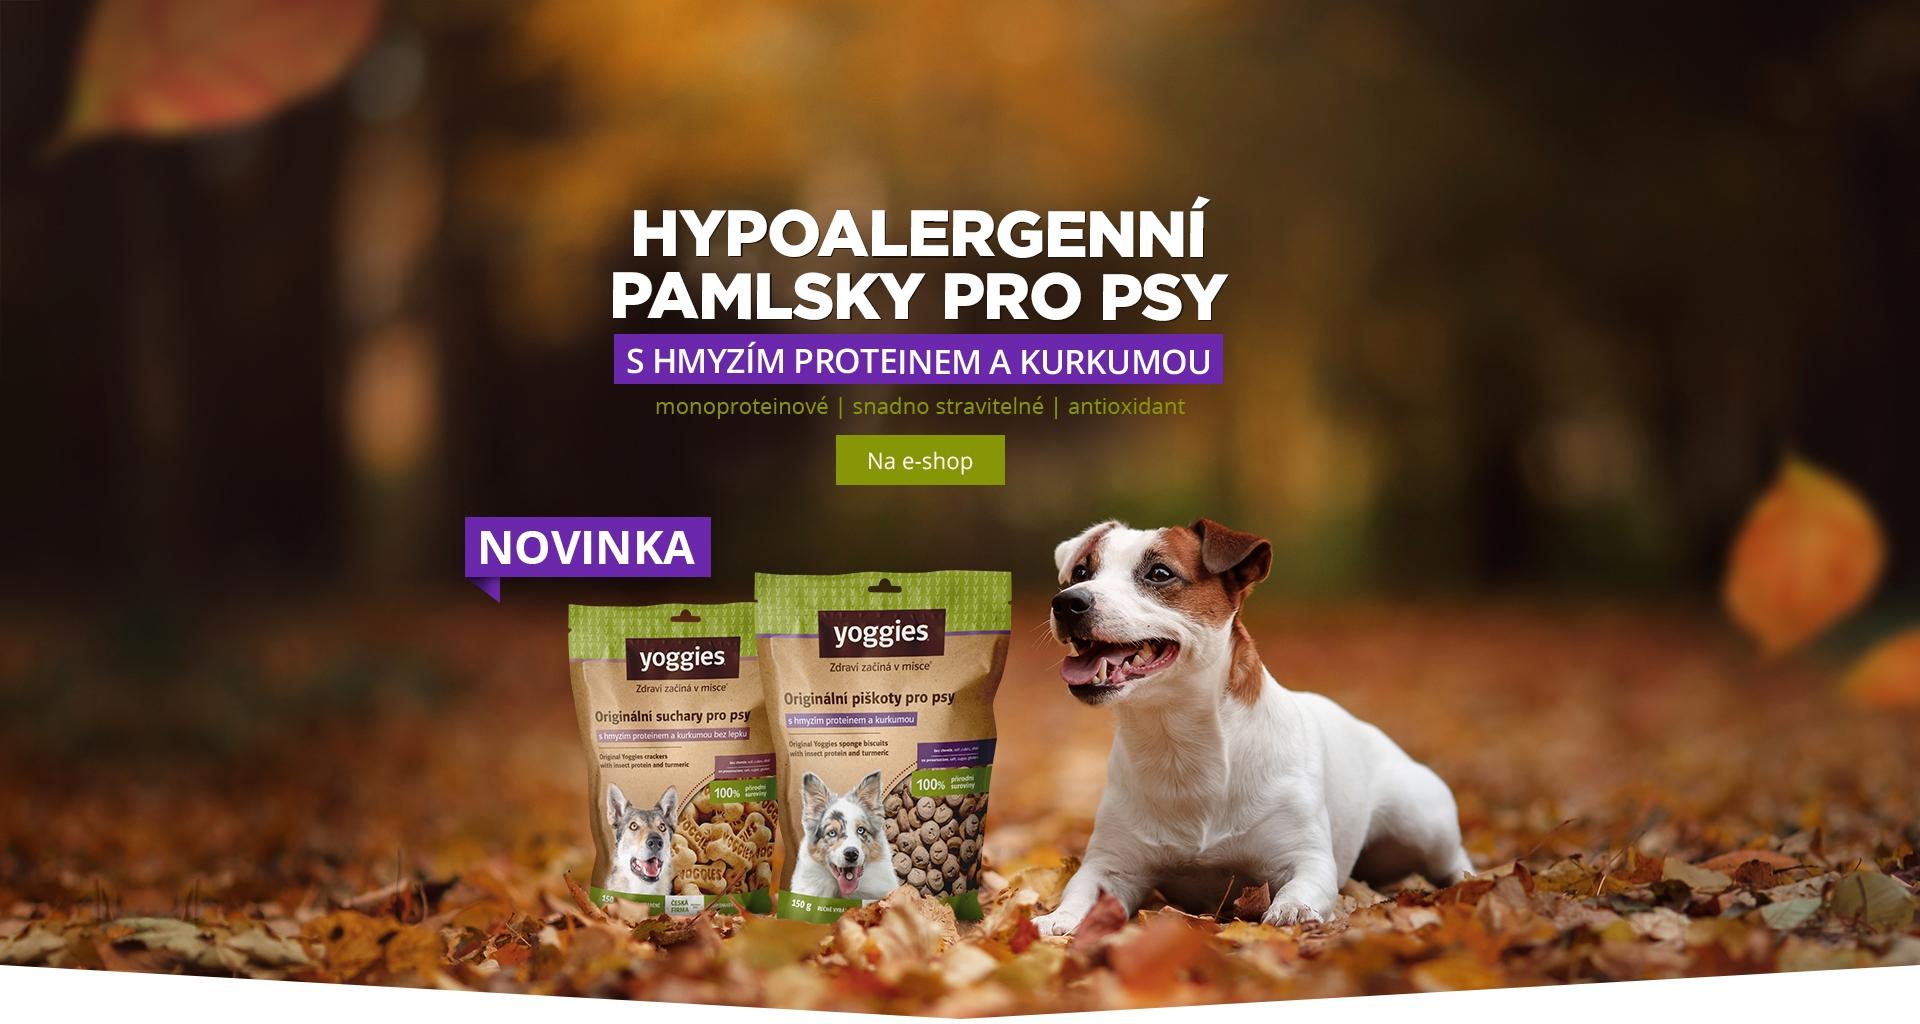 Hypoalergenní pamlsky Yoggies pro psy s hmyzím proteinem a kurkumou